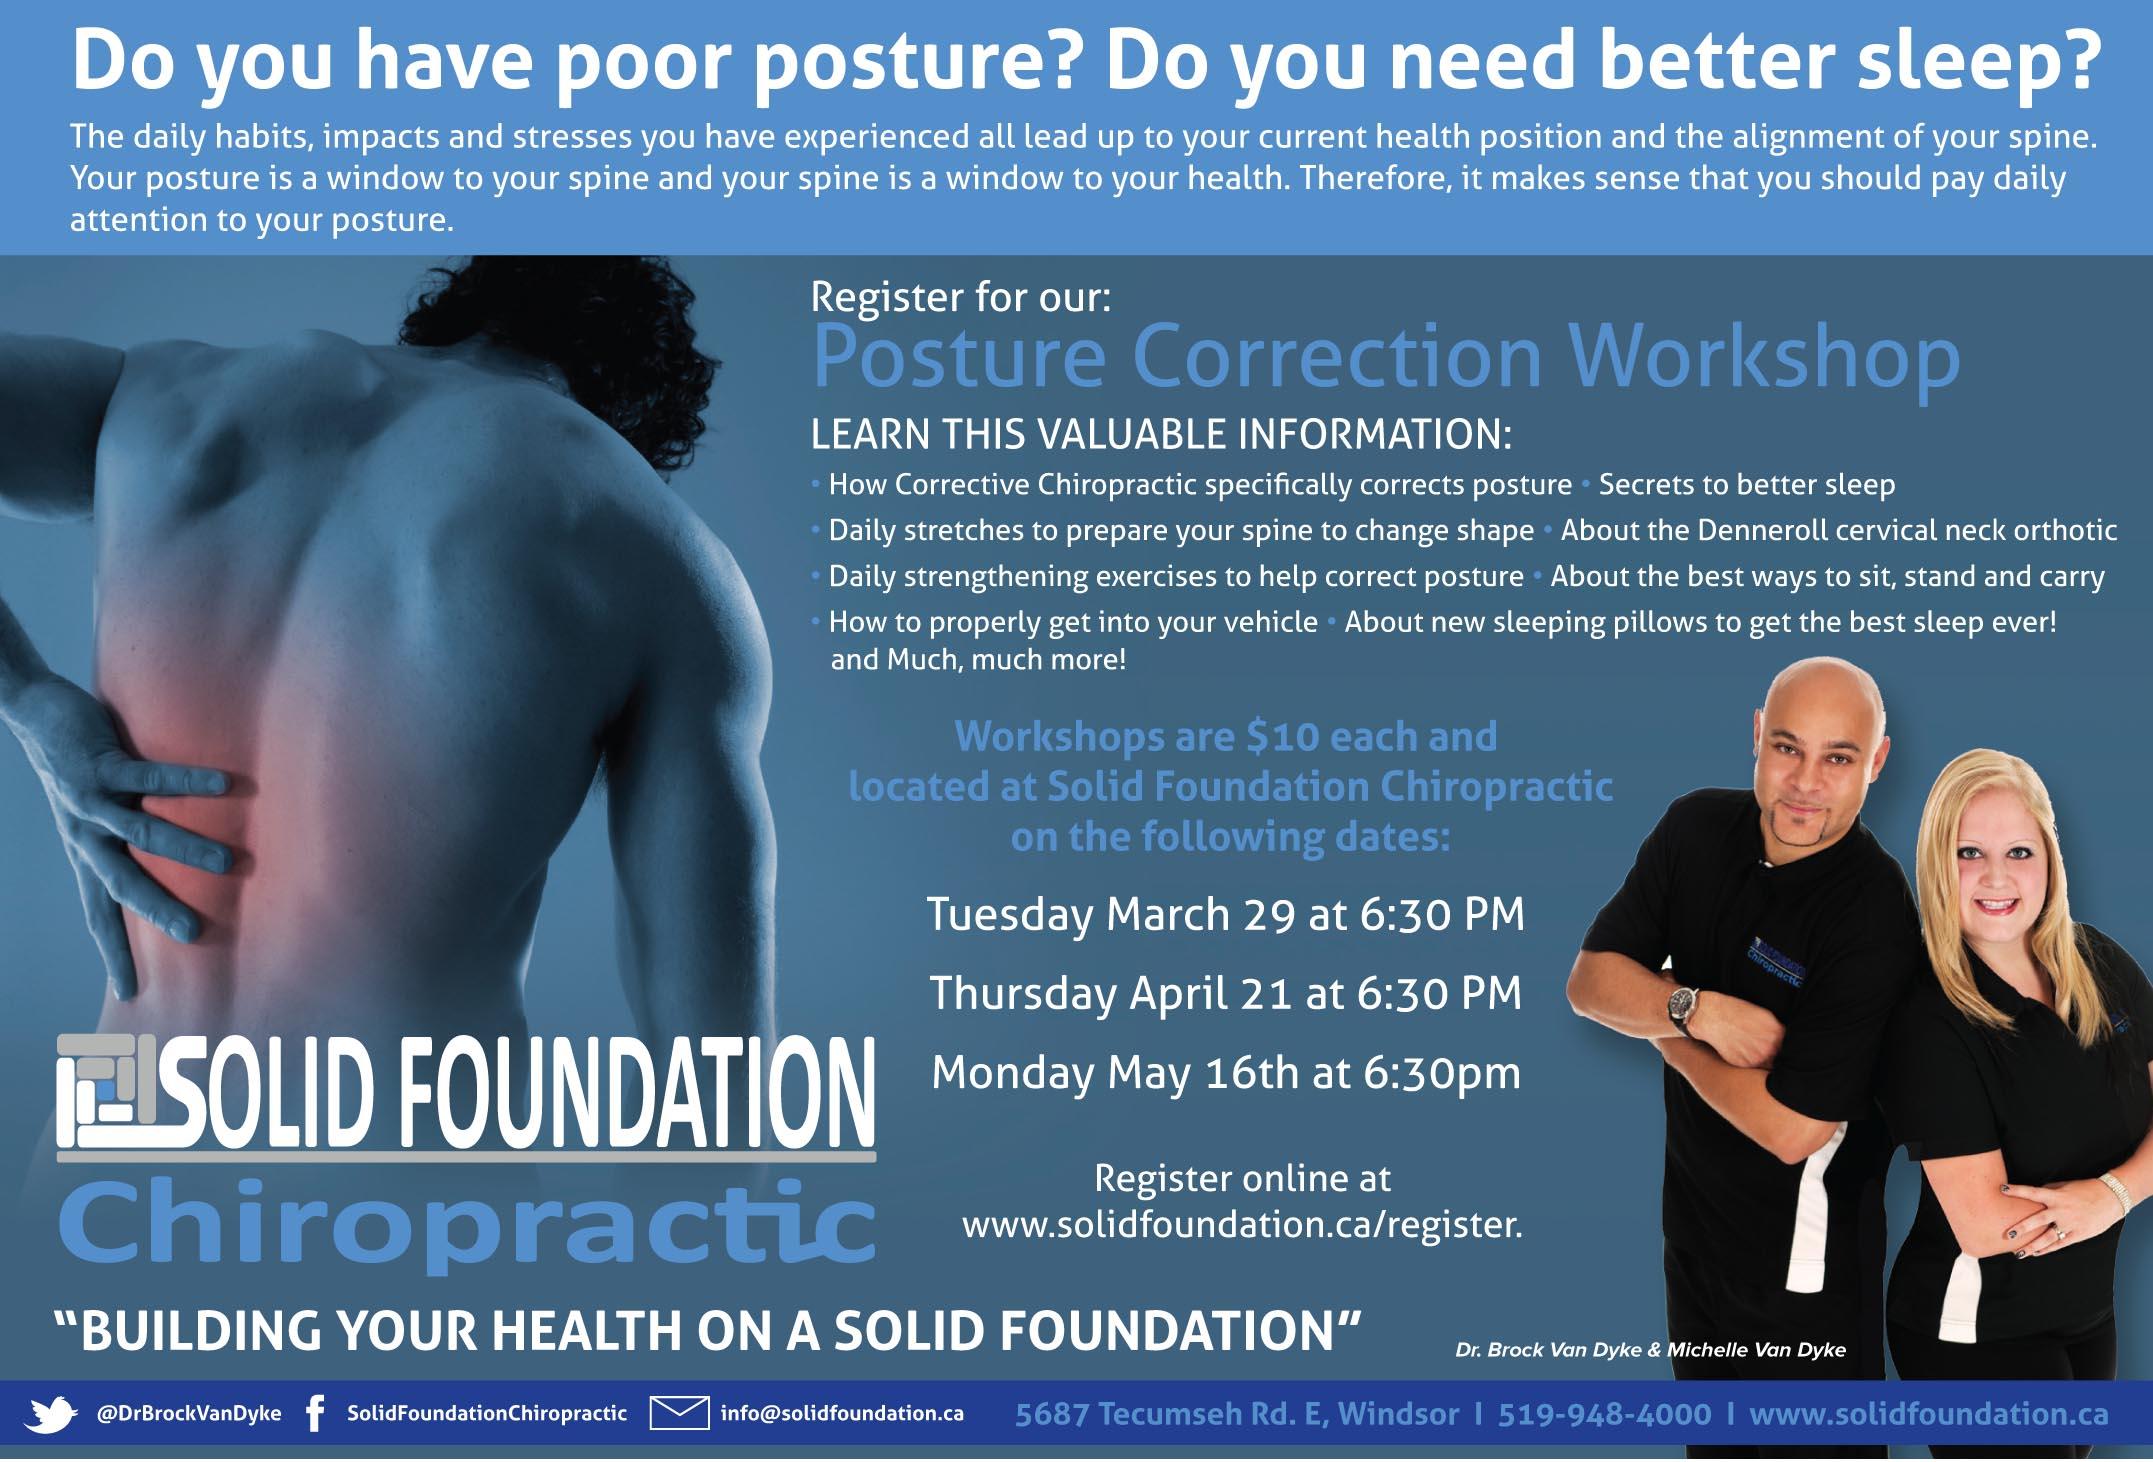 Posture Correction Workshop